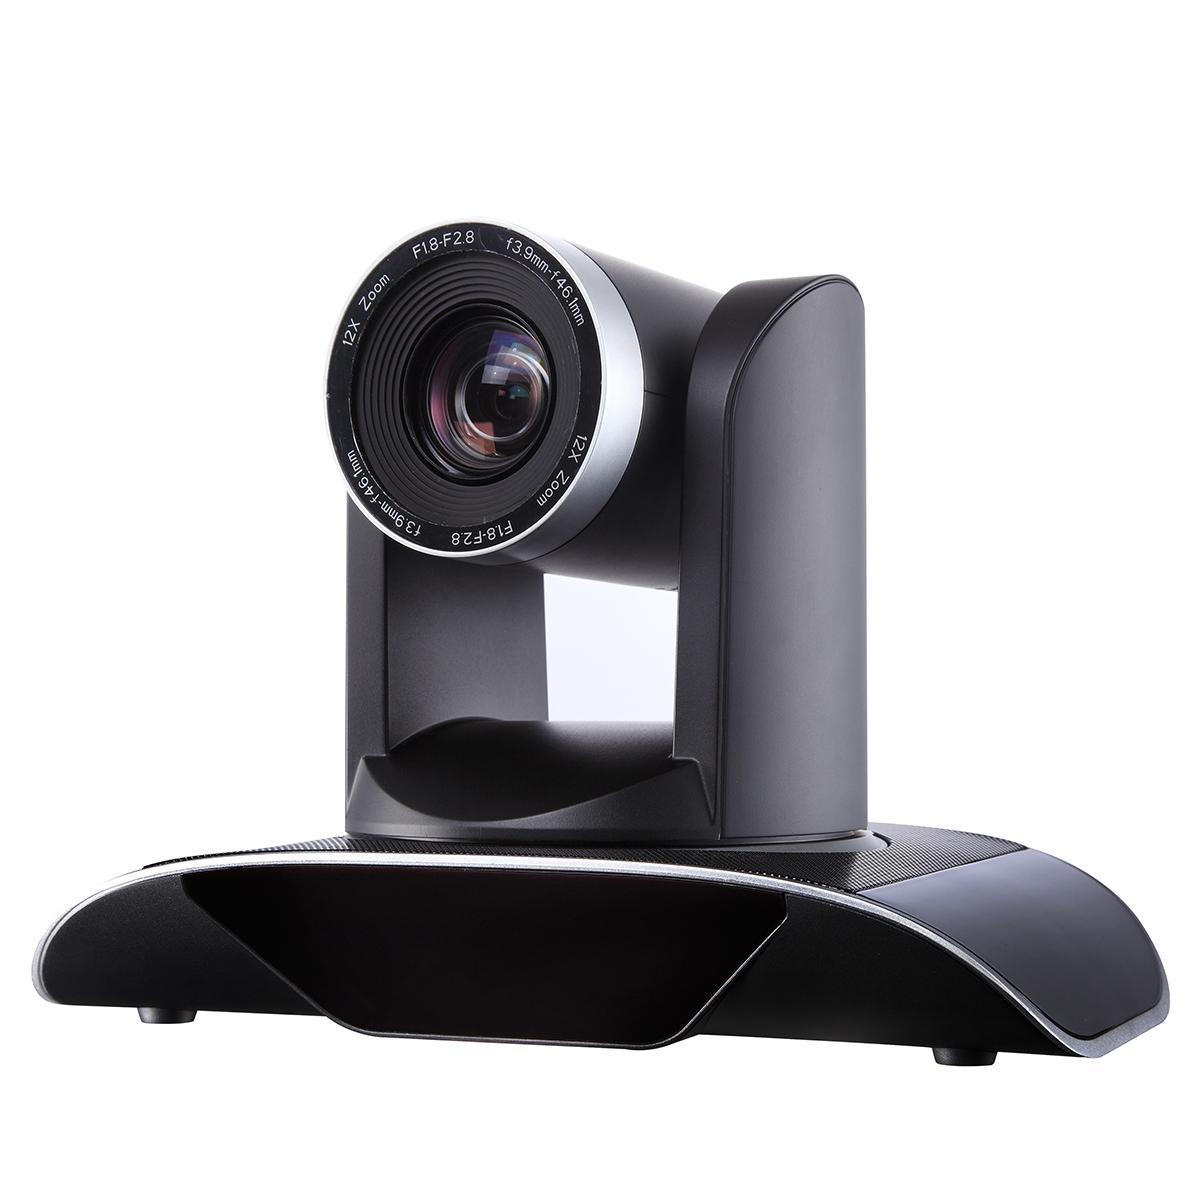 托顿TDEV07 自动跟踪视像系统 高清云台摄像球